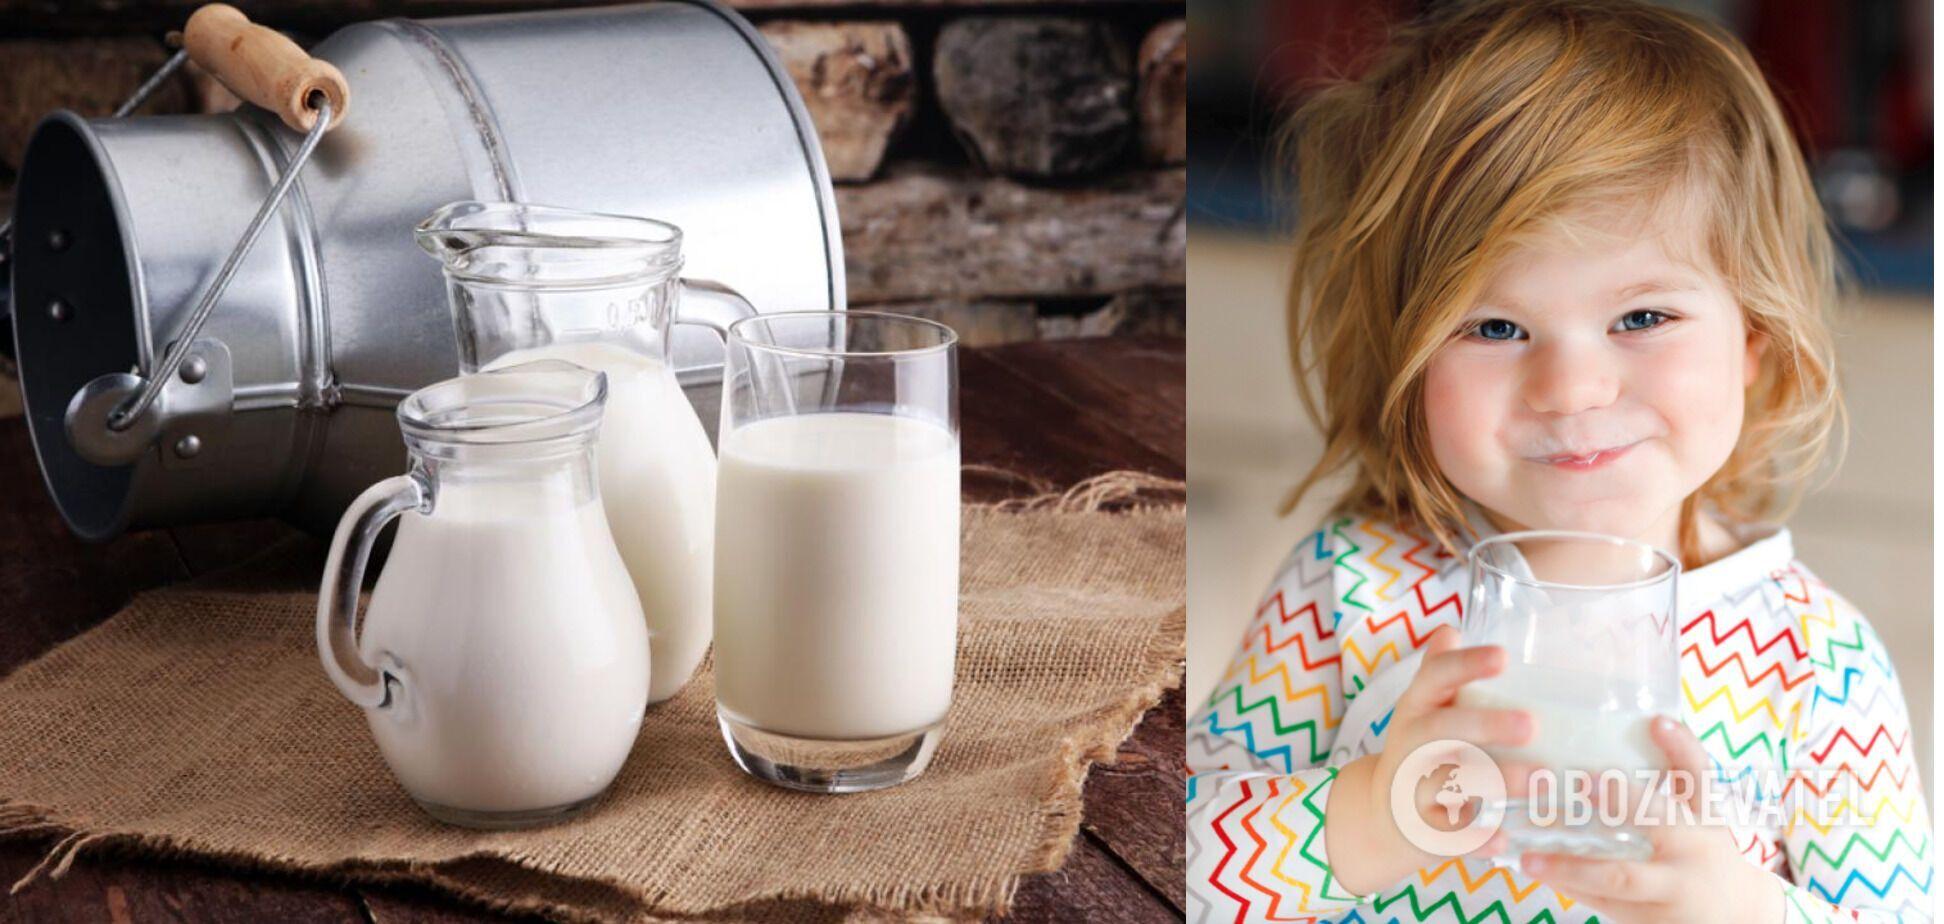 Ученые уверены, что те, кто раньше не воспринимал молока, теперь смогут пить А2